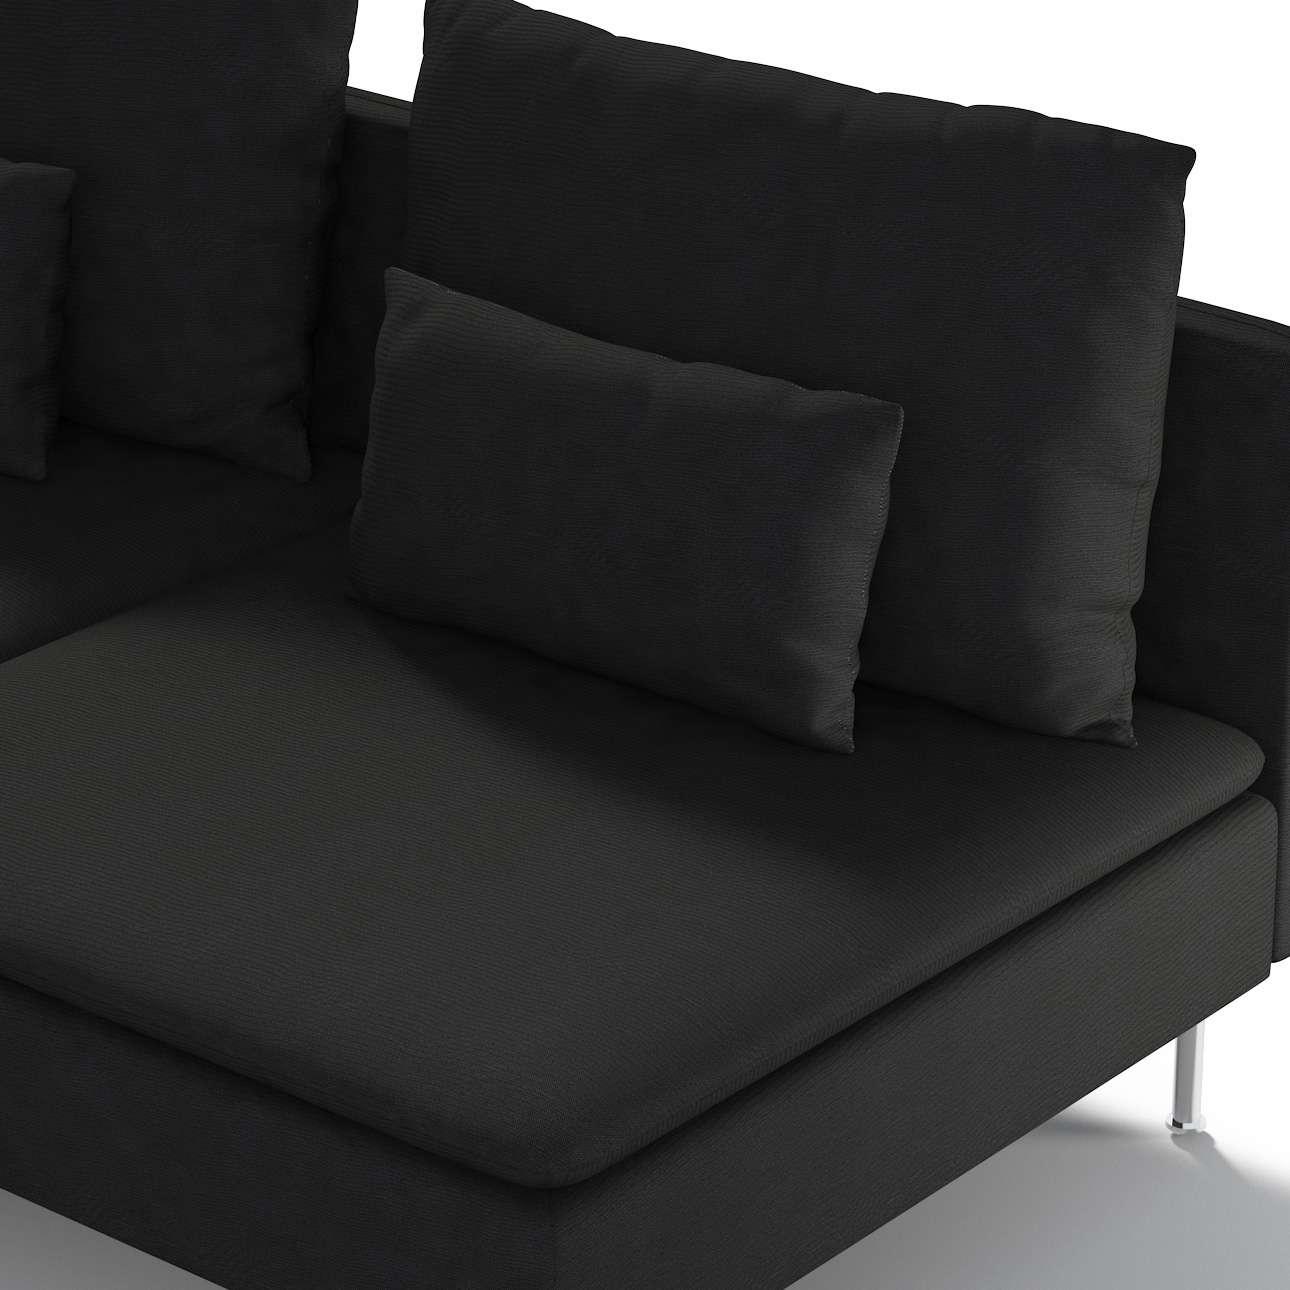 Söderhamn Bezug für Sitzelement 3 von der Kollektion Etna, Stoff: 705-00